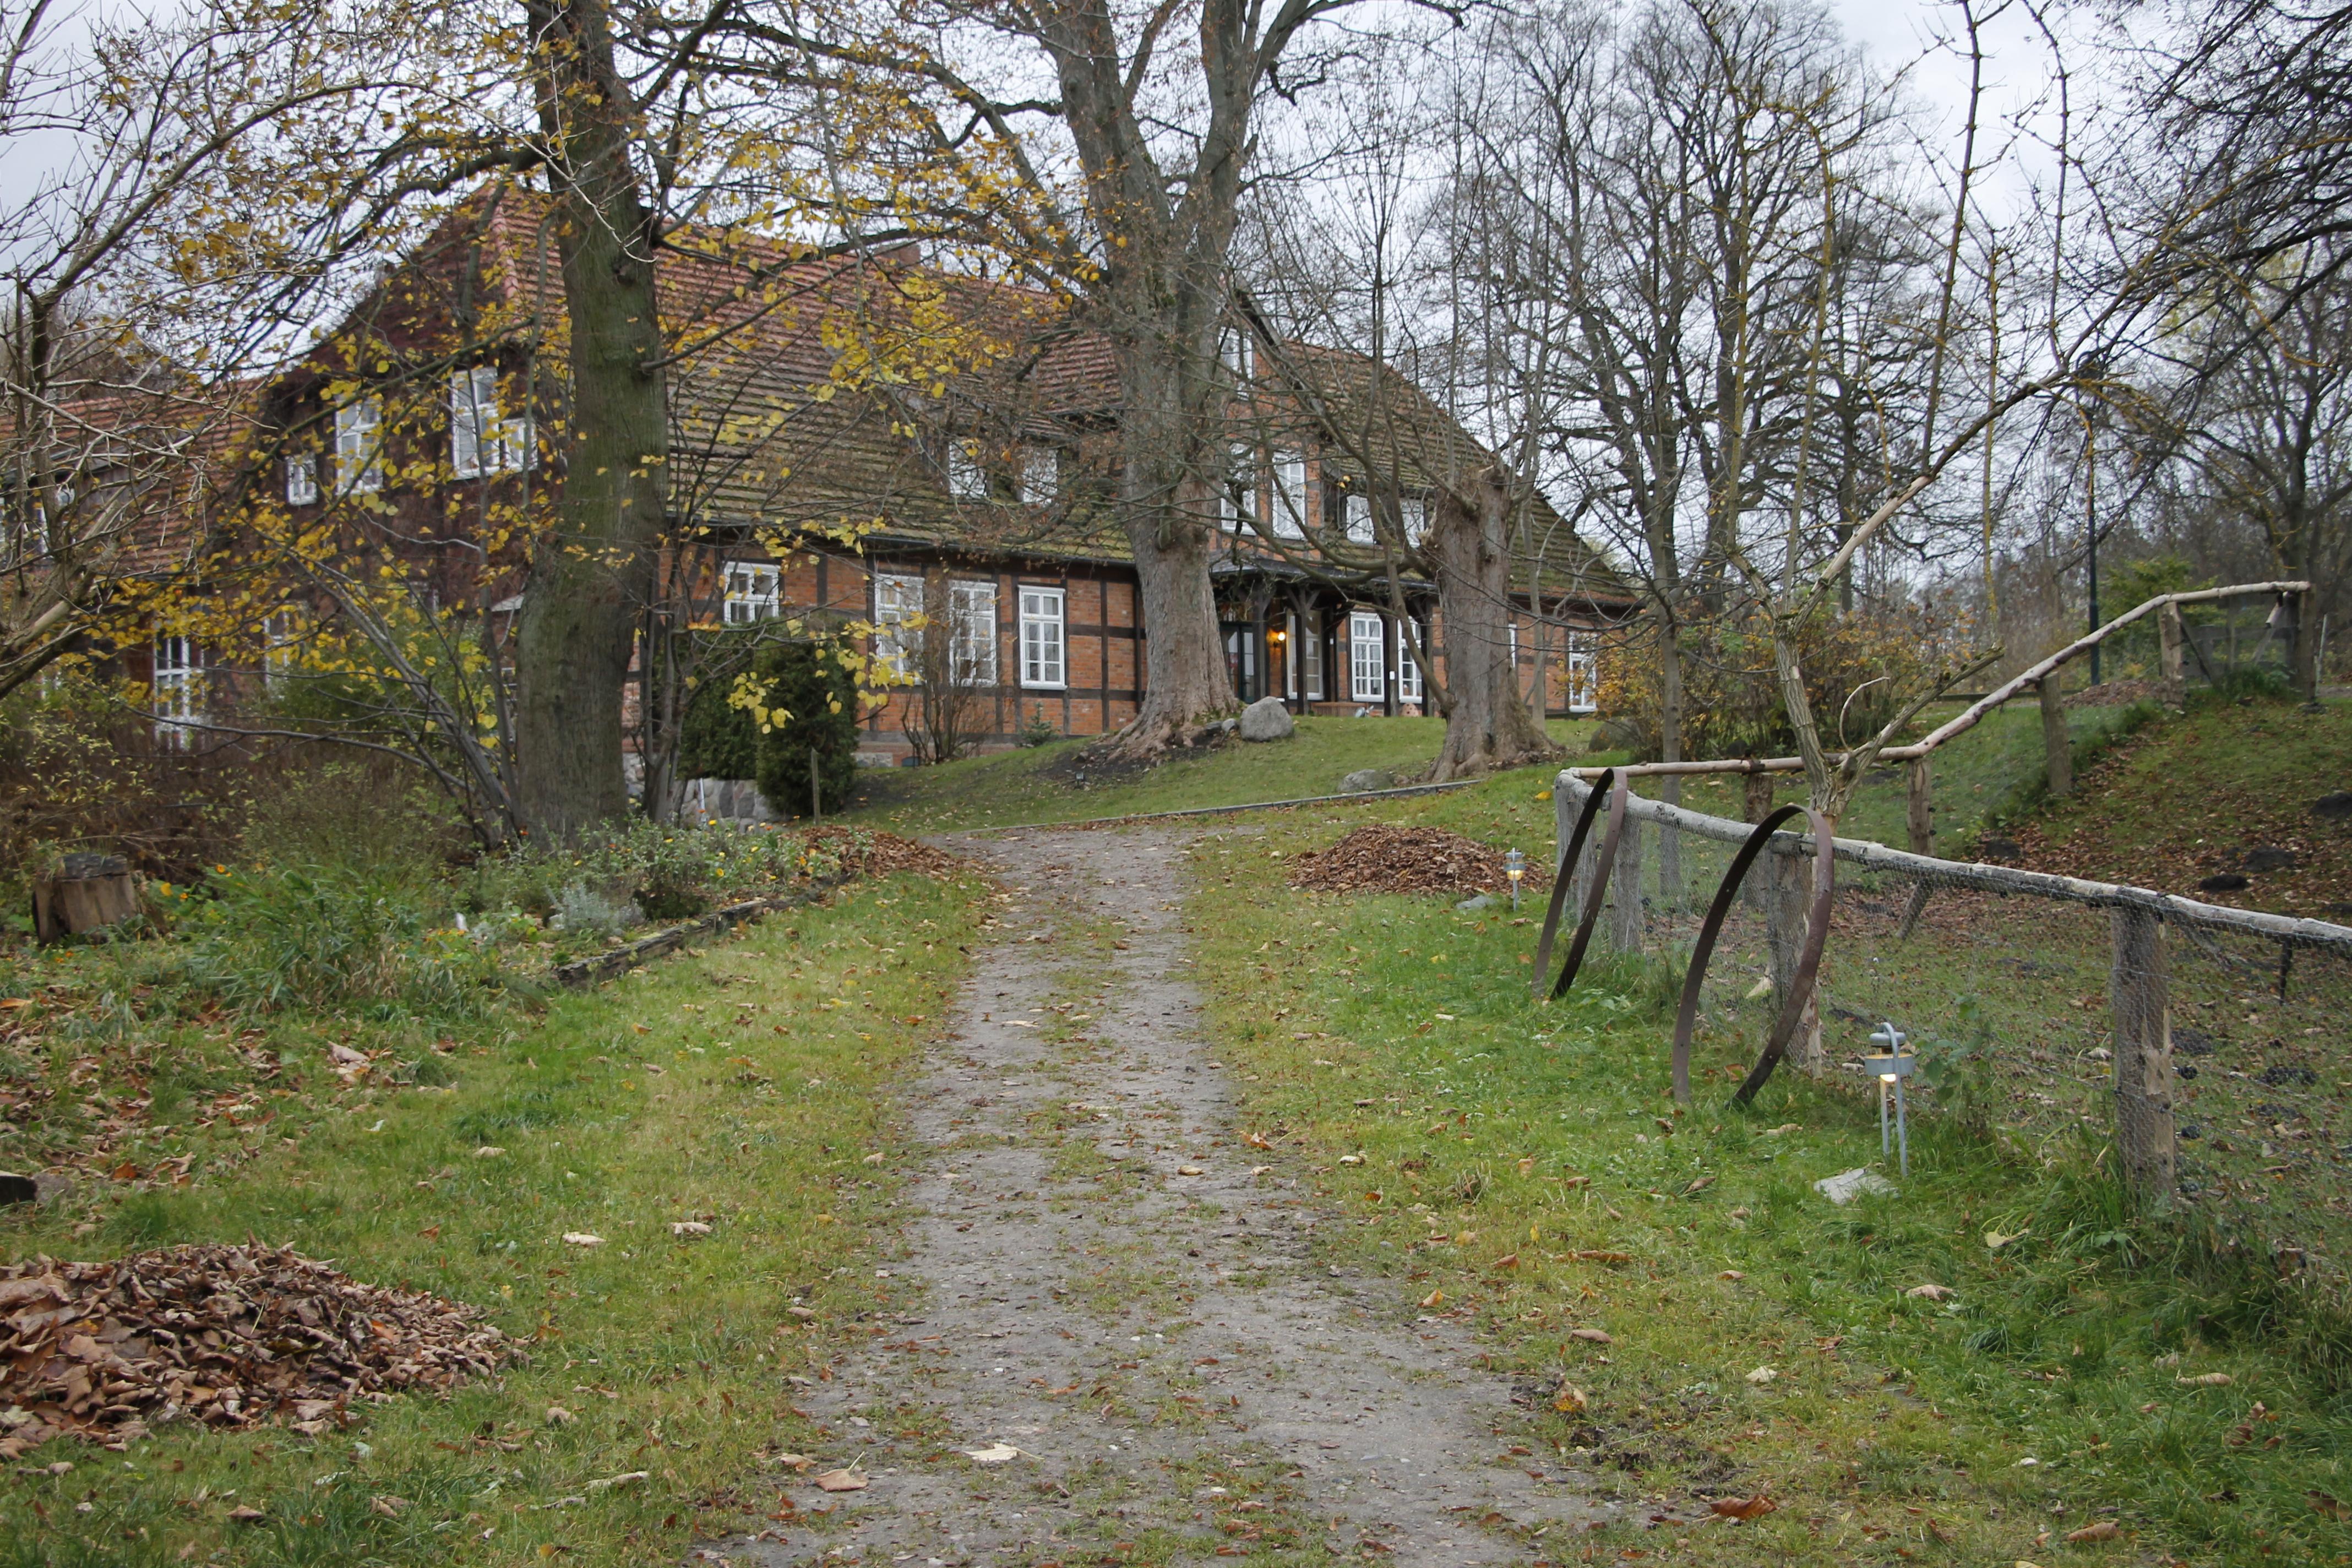 Mit der urlaubsbox auf dem gutshof woldzegarten lavendelblog - Weihnachtsgeschenk ehefrau ...